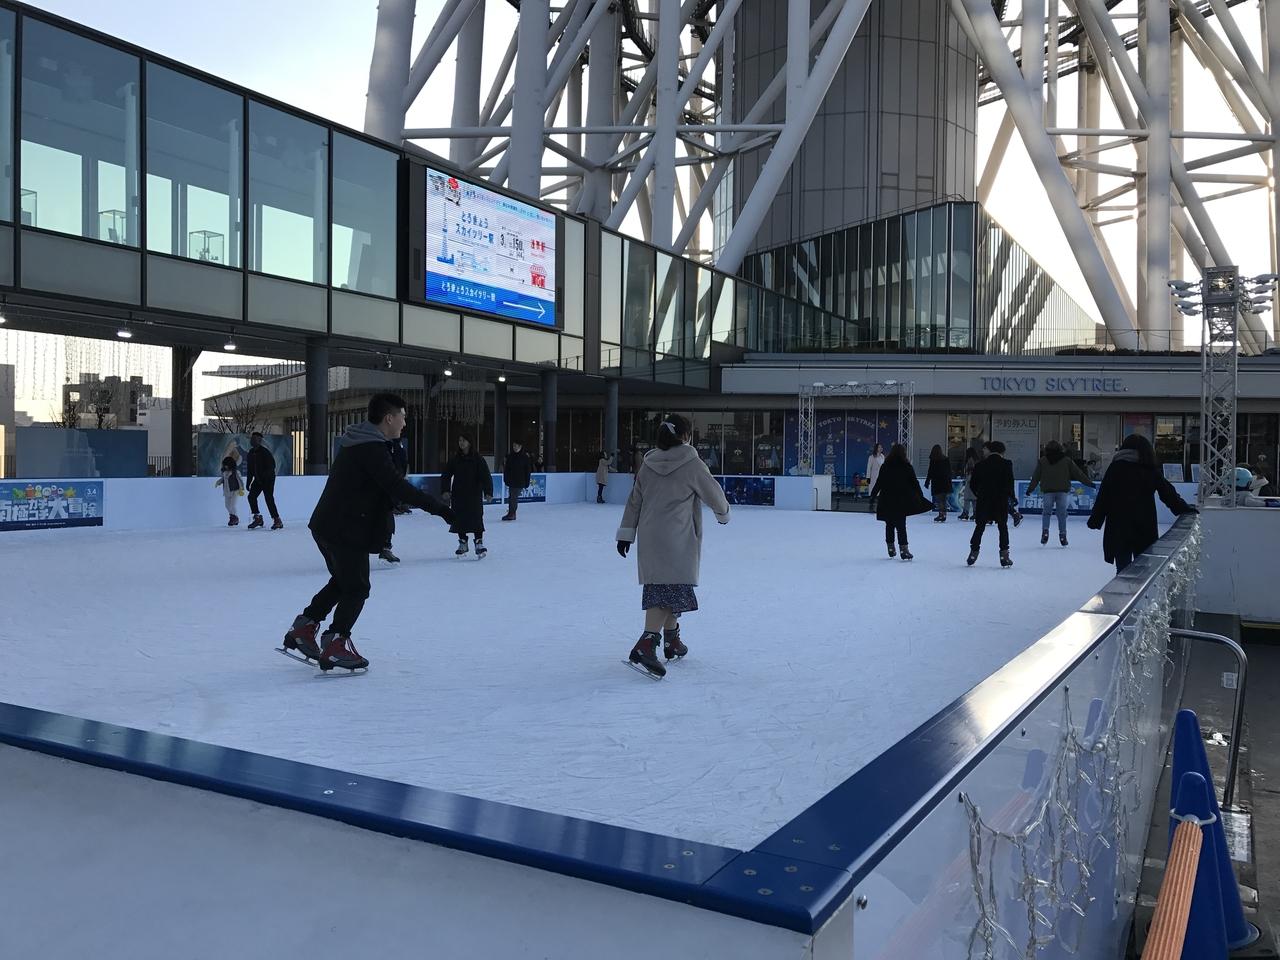 【東京】年末年始も手ぶらでお出かけ。2019-20冬のお出かけスポット付近のecbo cloak特集!